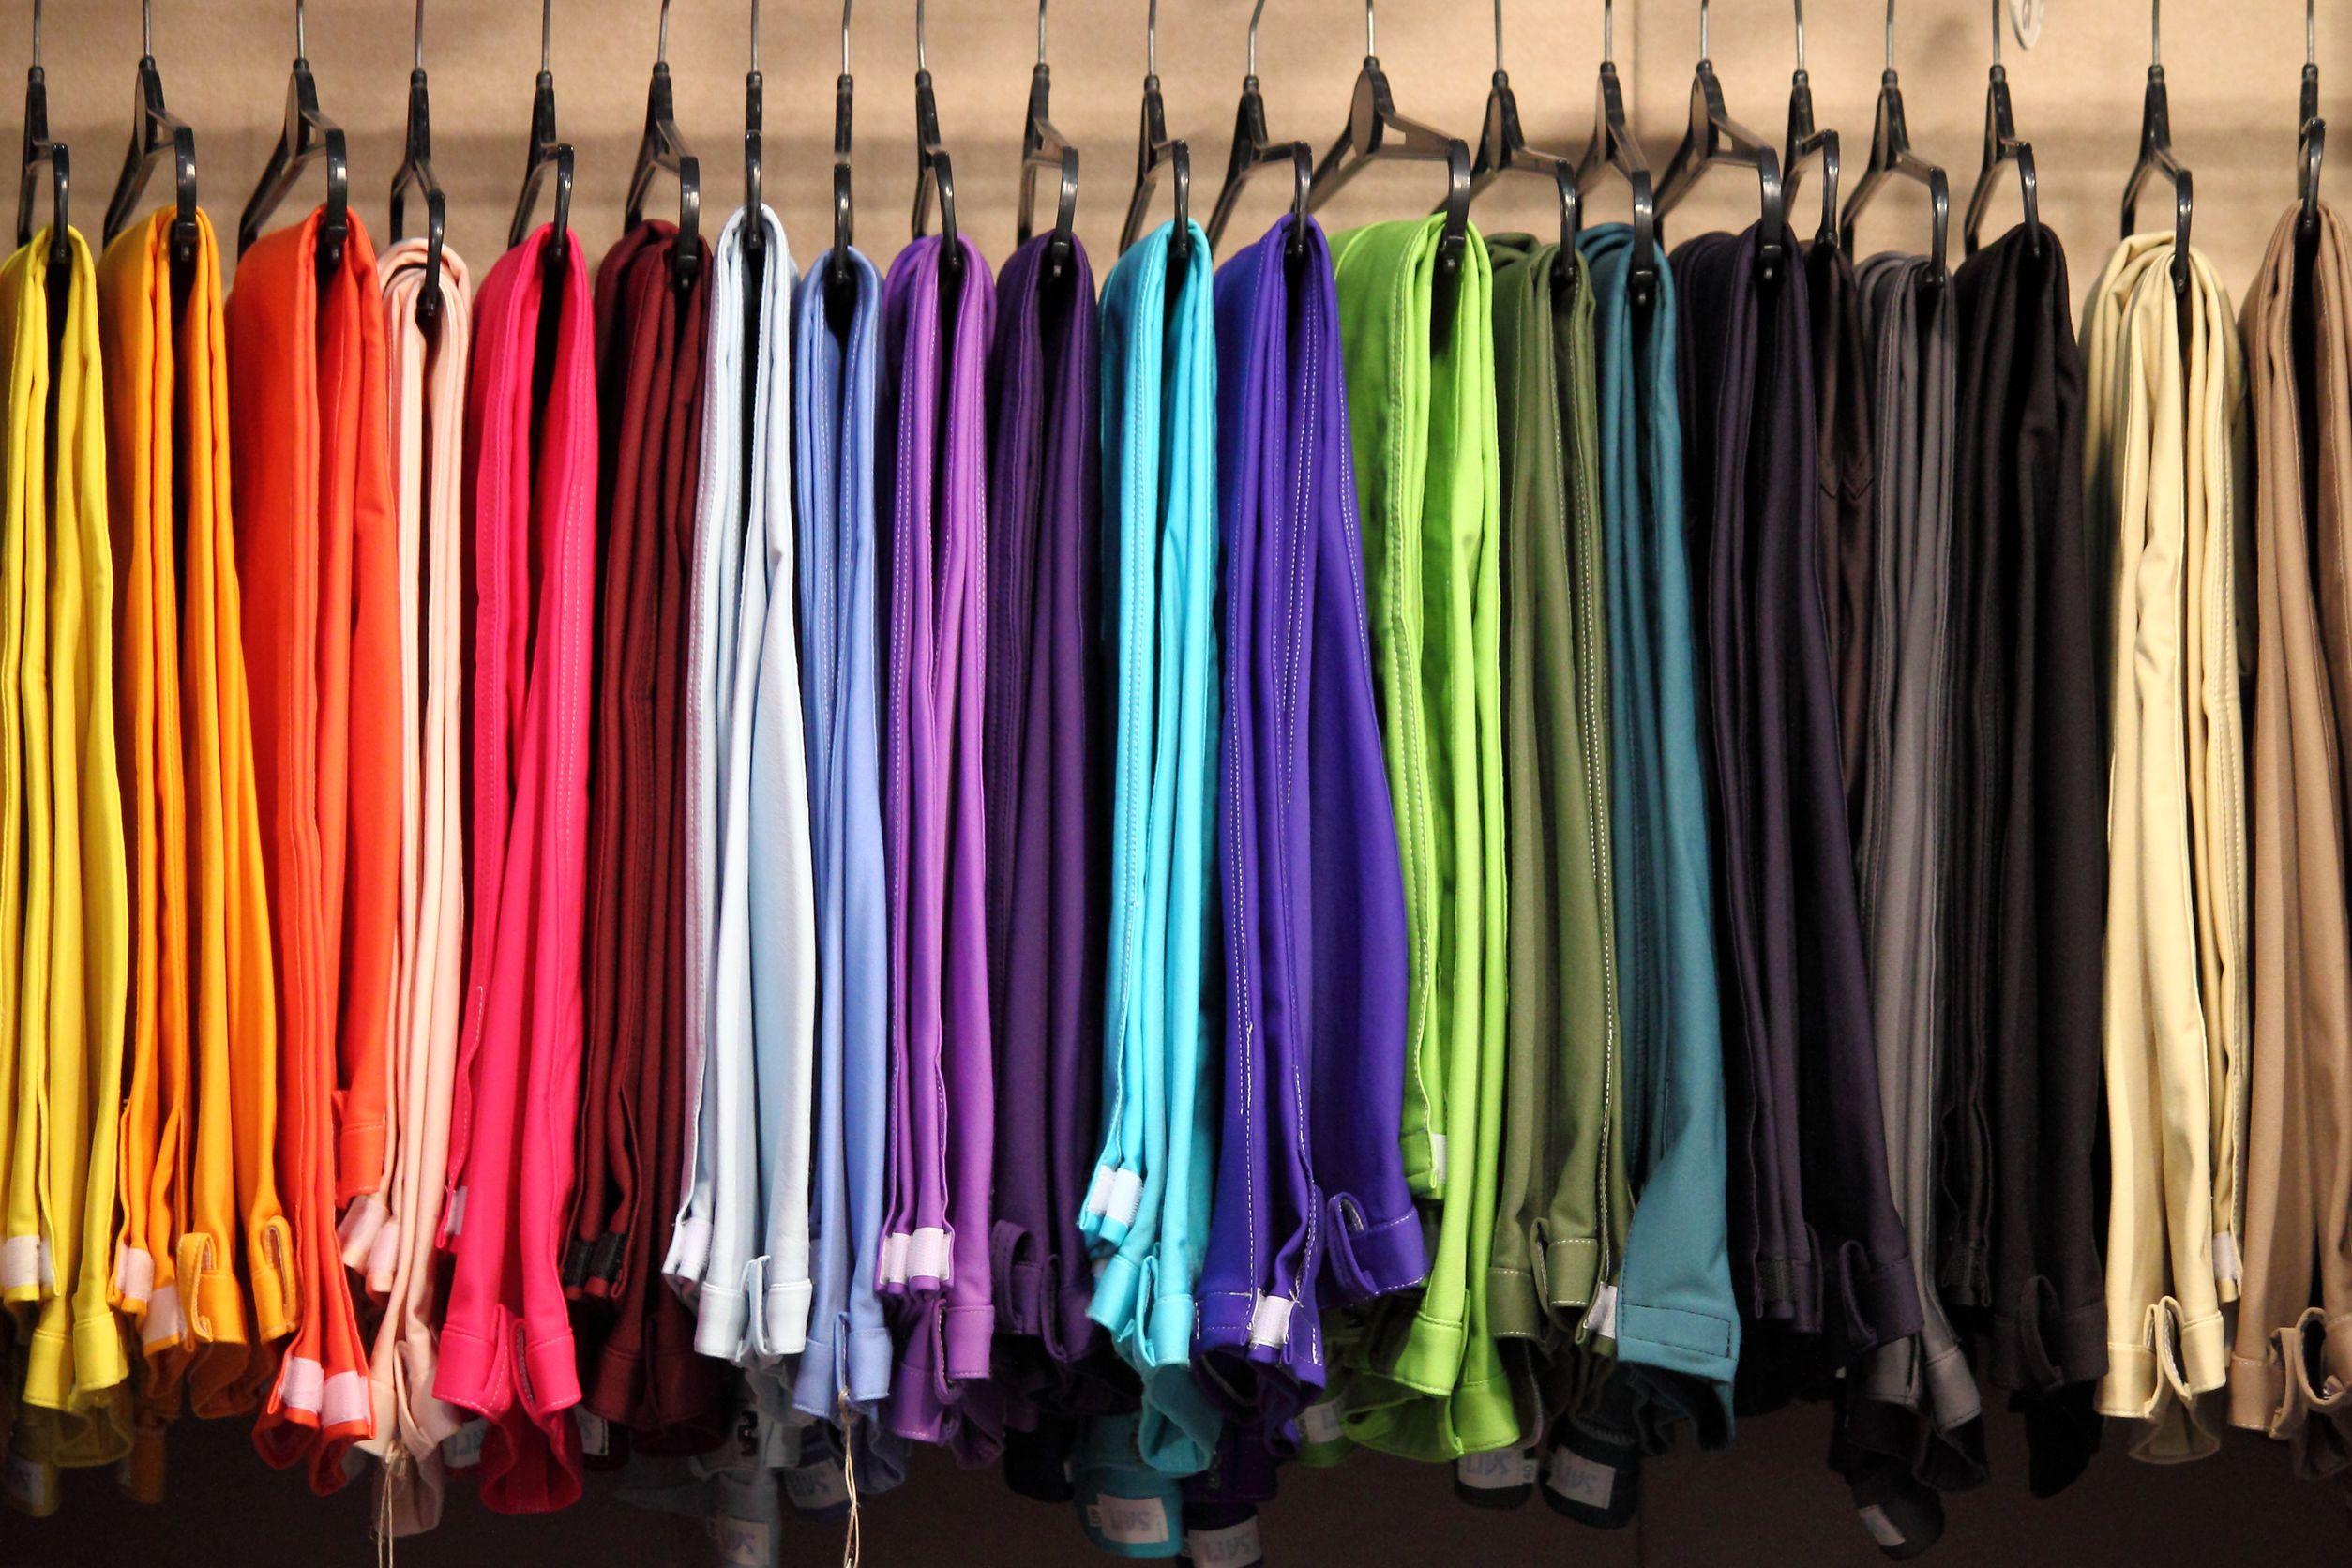 Lenços coloridos pendurados em cabides.